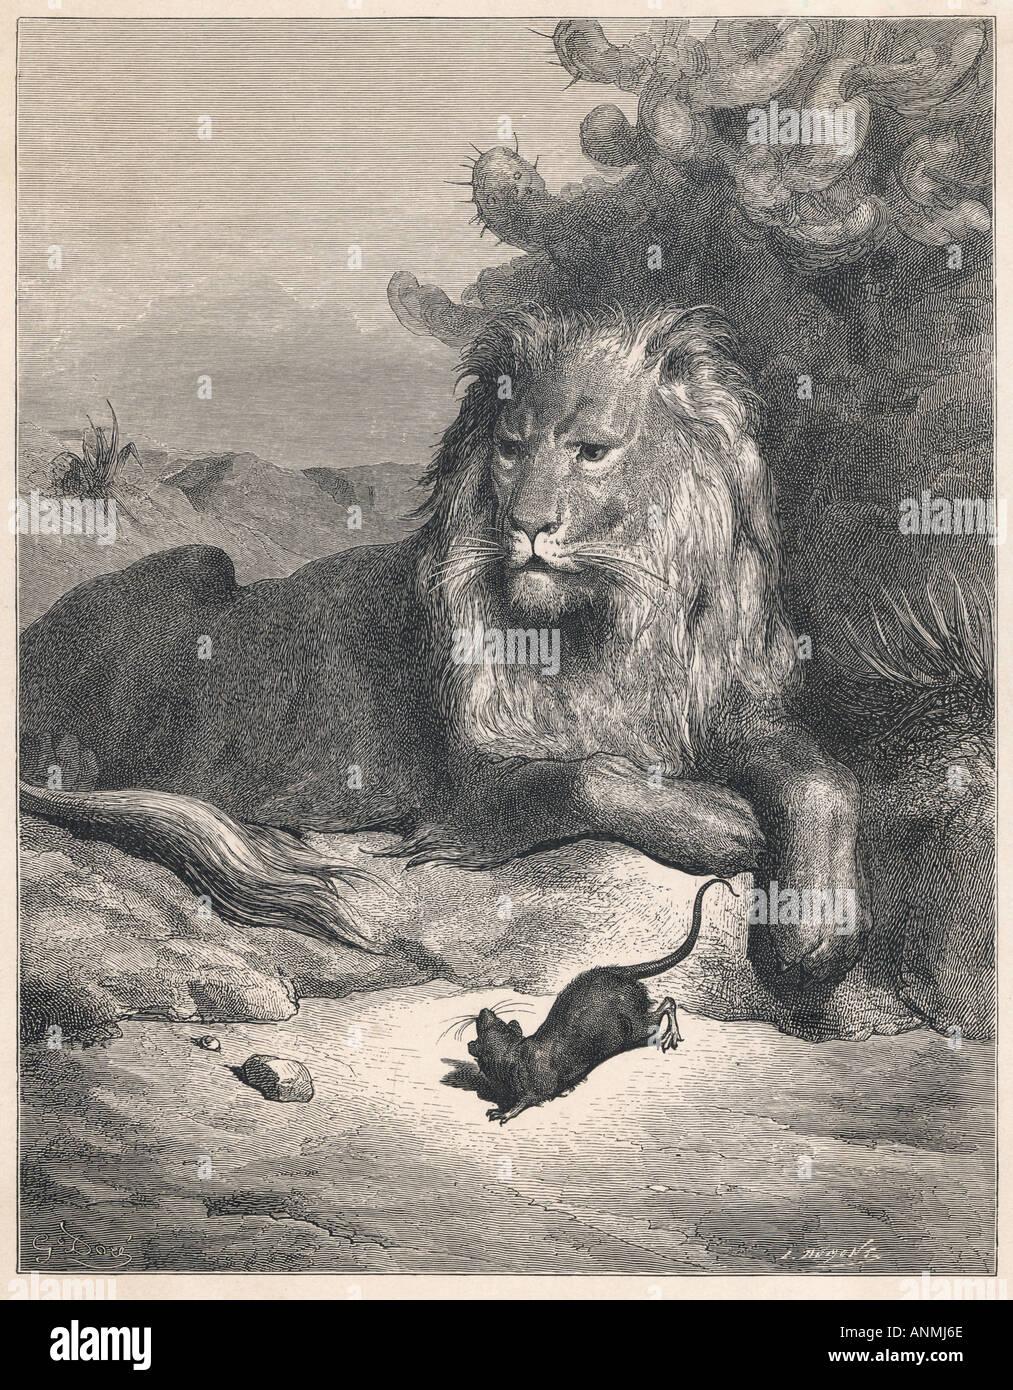 der löwe und die maus stockfotos  der löwe und die maus